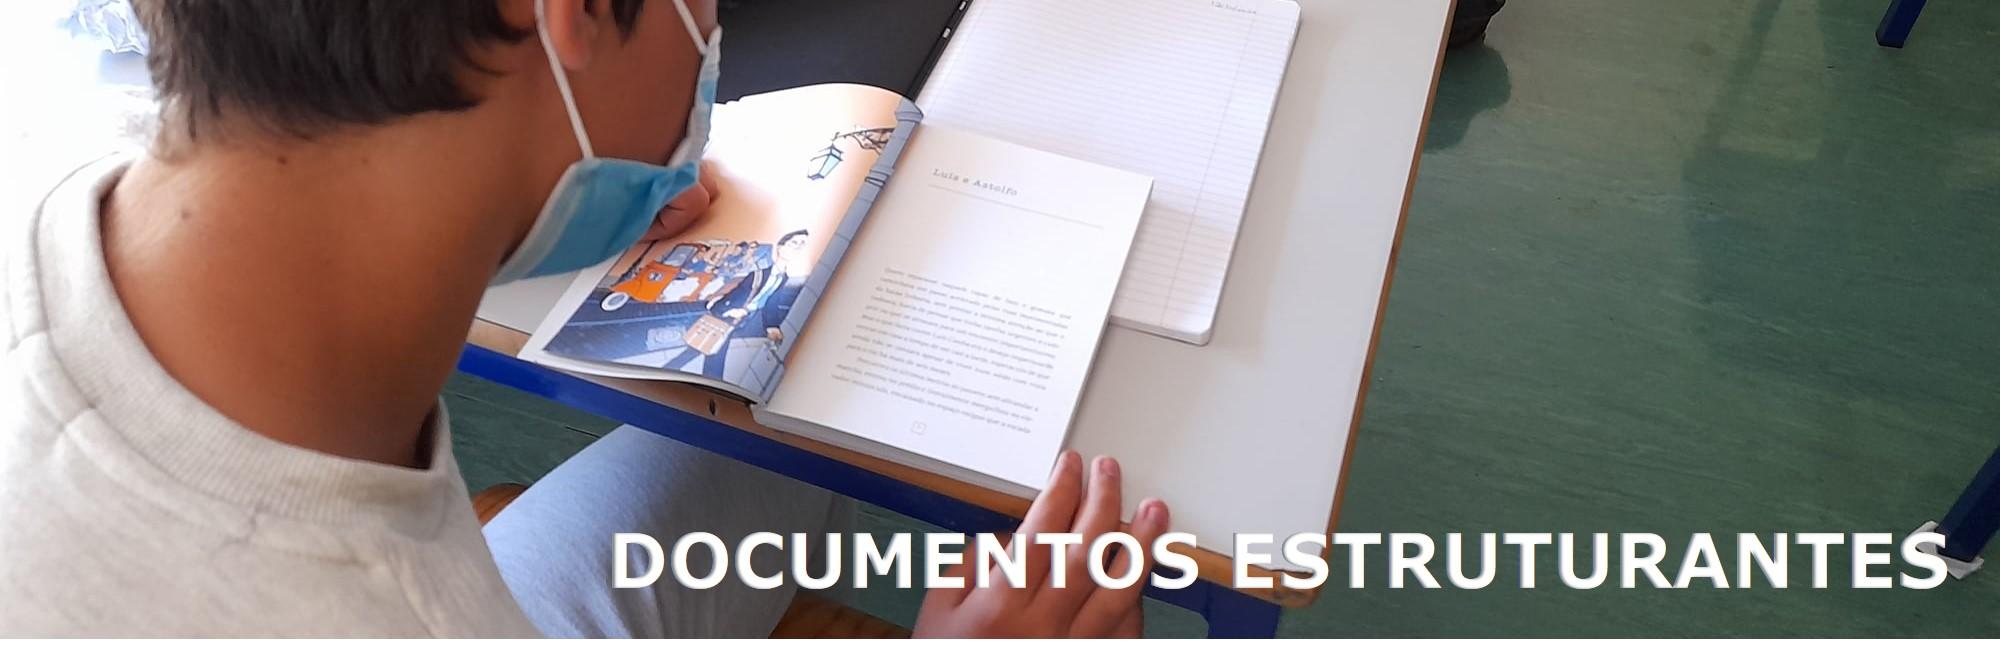 Documentos Estruturantes